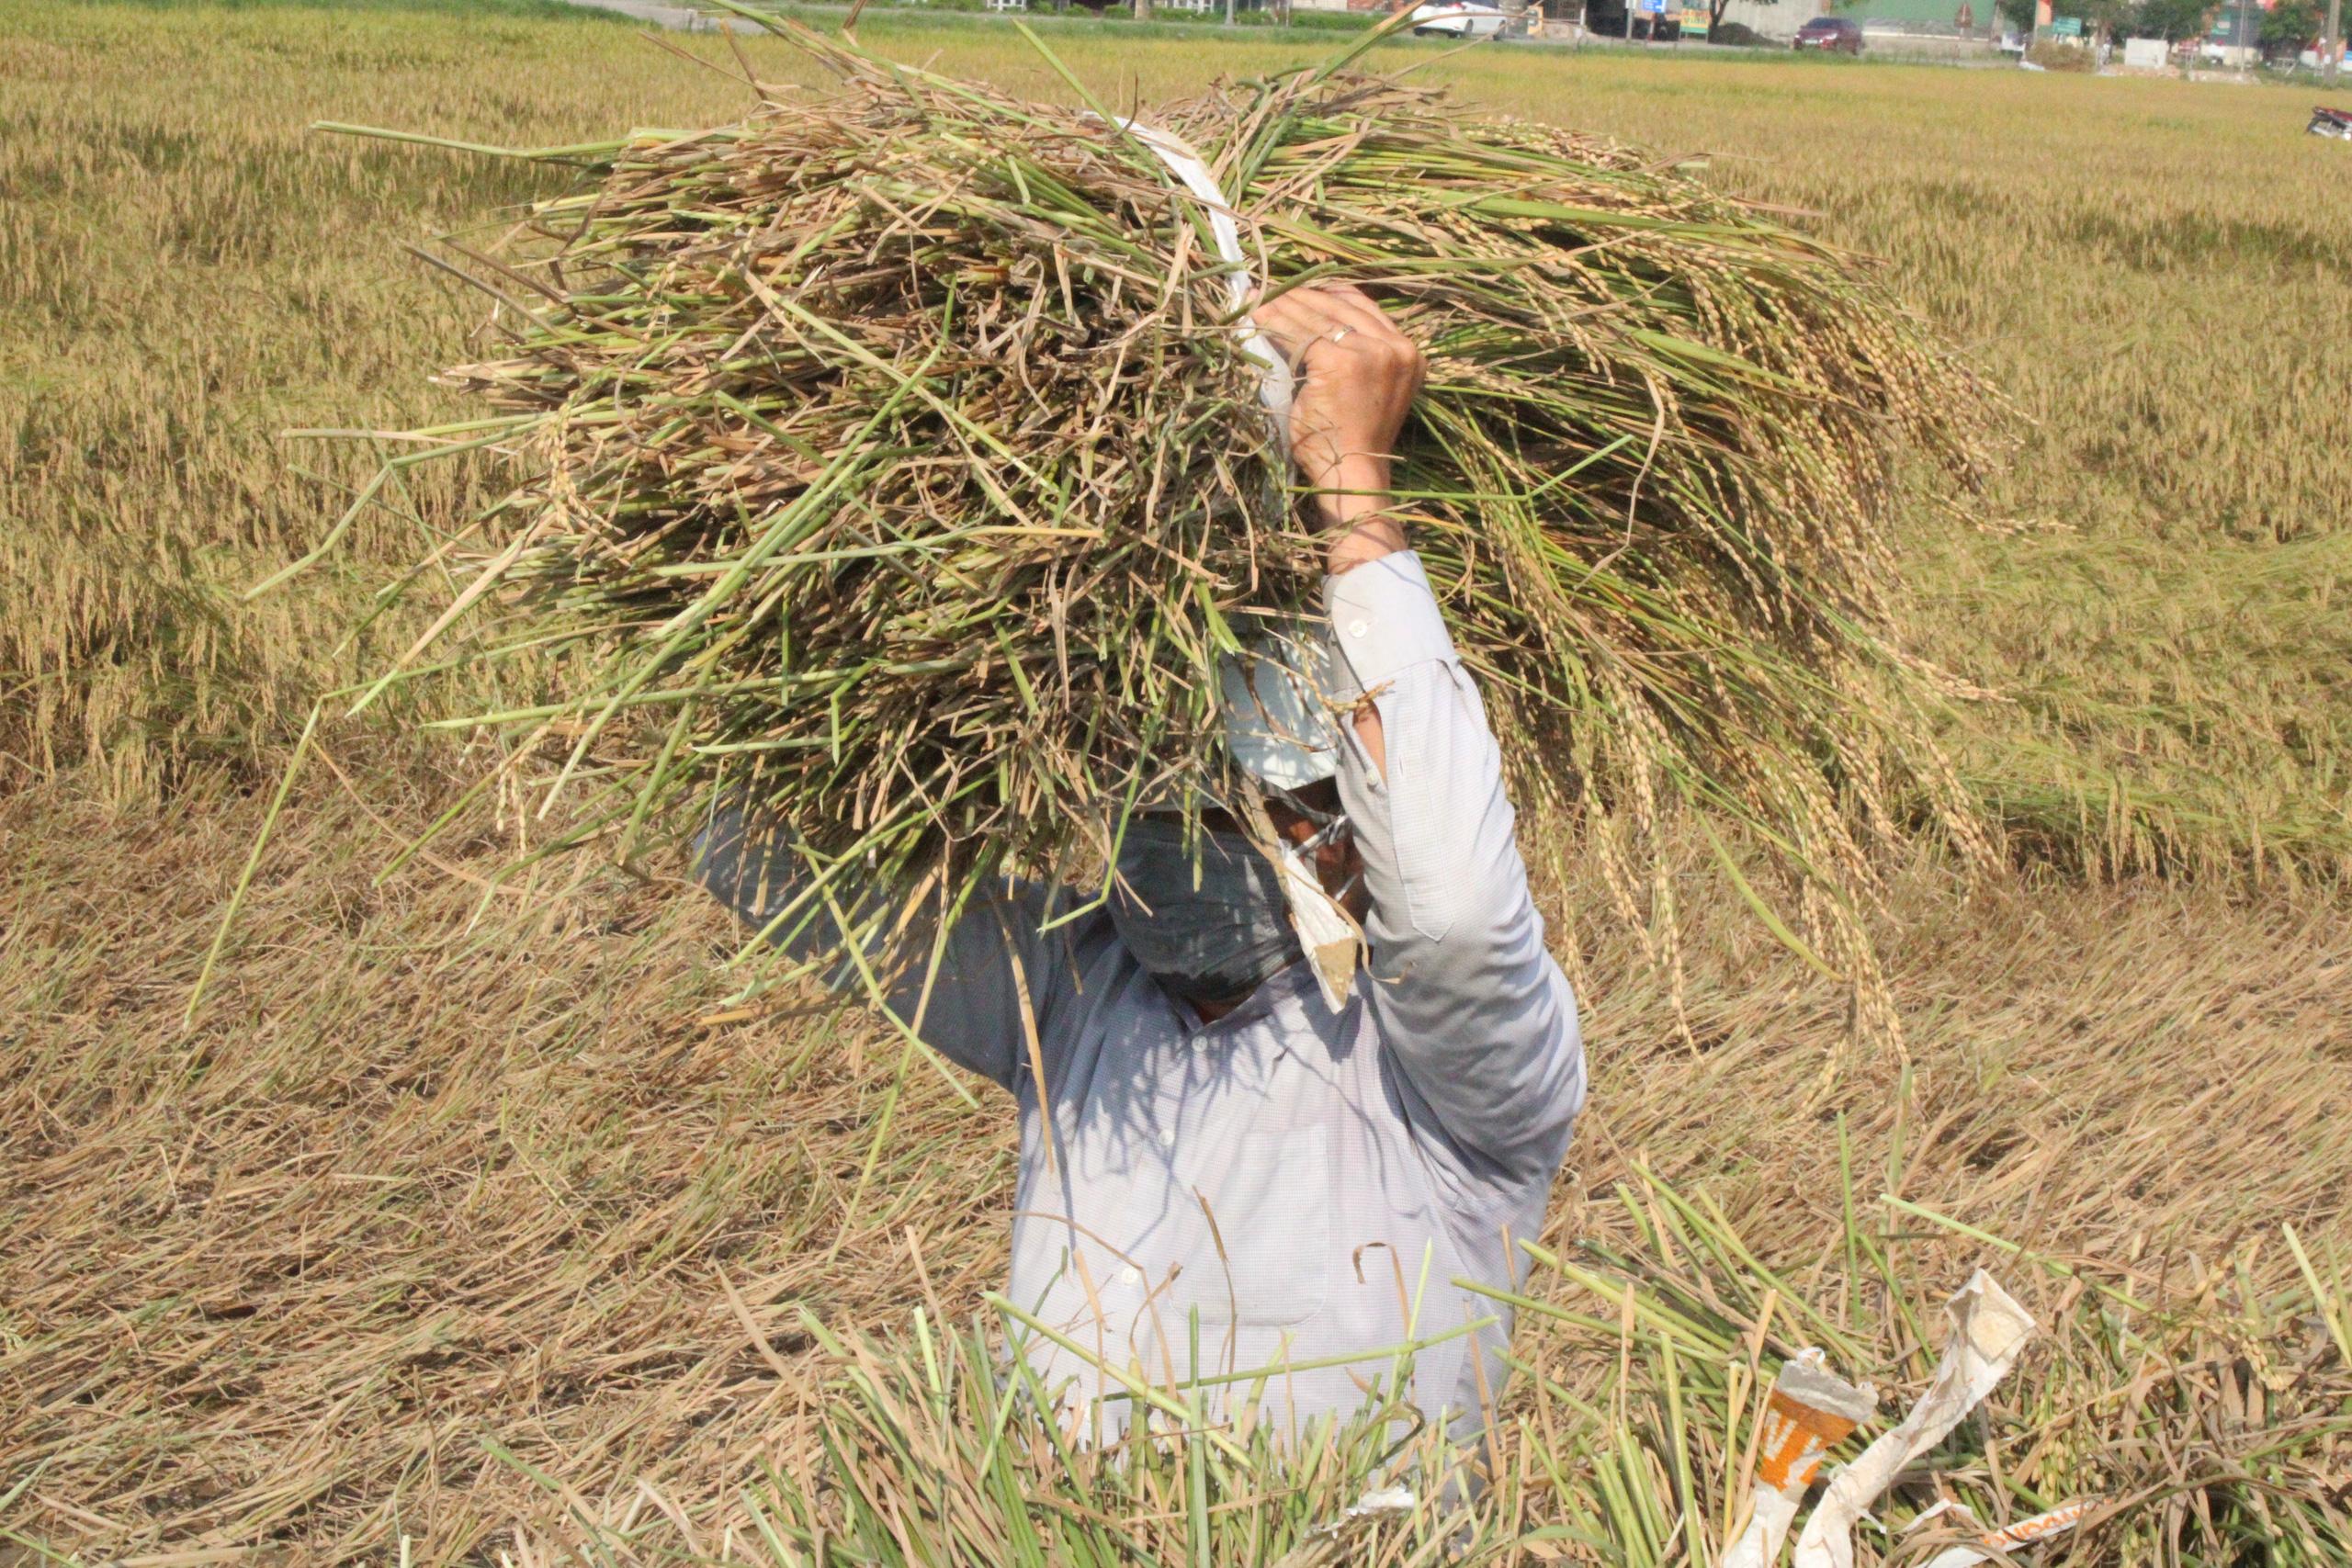 Hà Tĩnh: Lúa chín rộ, nông dân đỏ mắt tìm máy gặt - Ảnh 7.